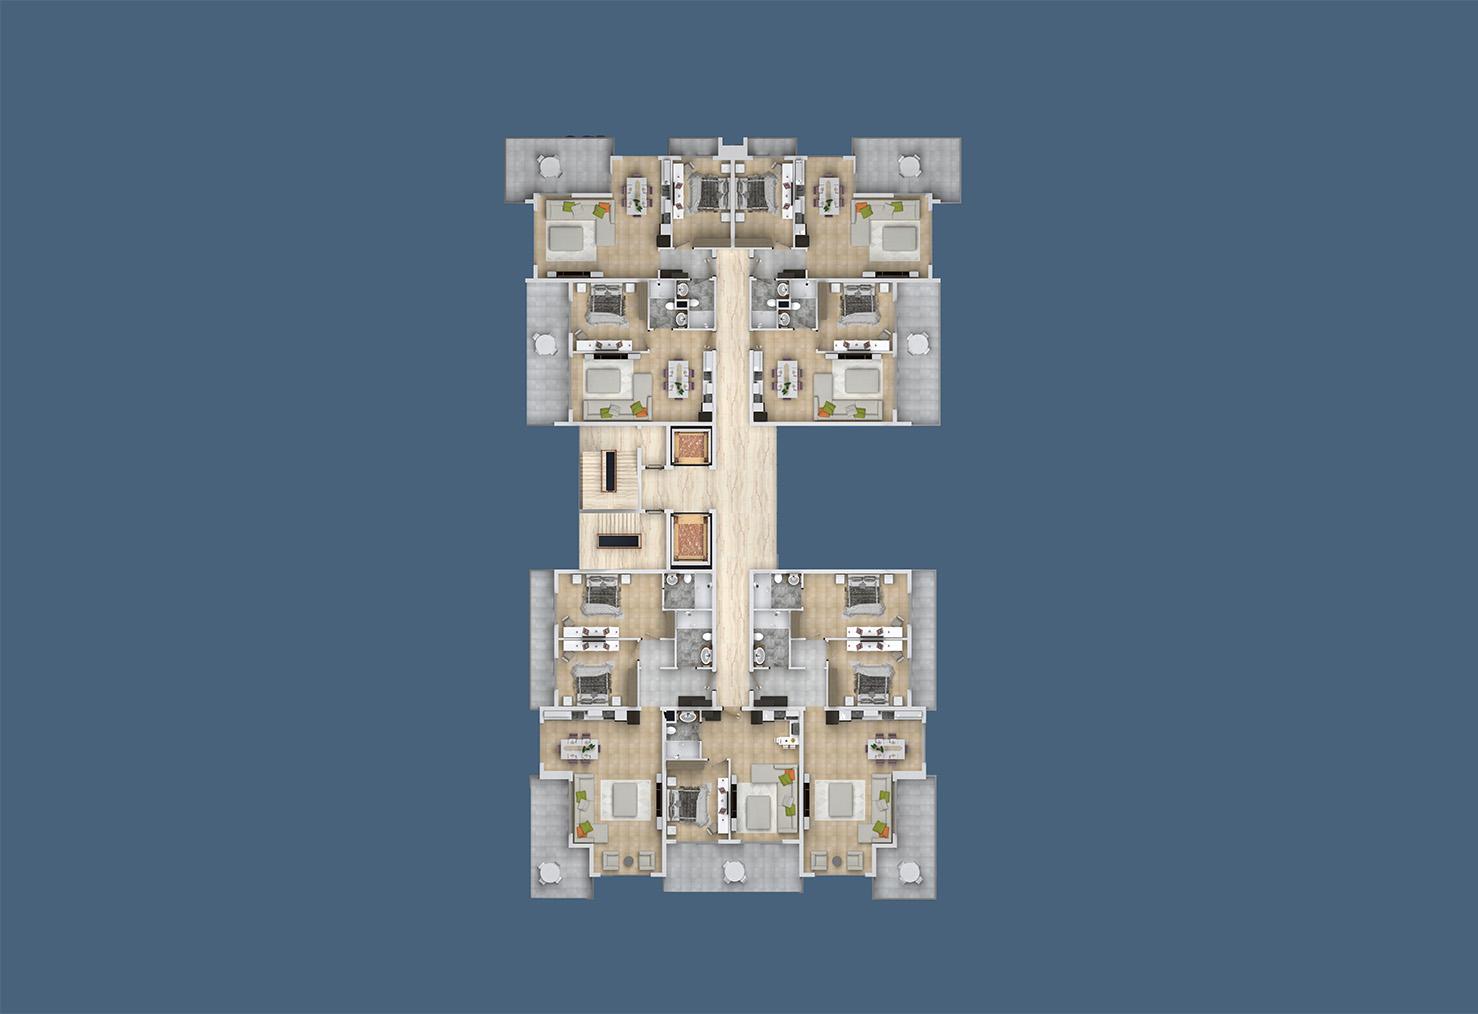 План расположения квартир 4 этаж «D» Yekta Kingdom Trade Center